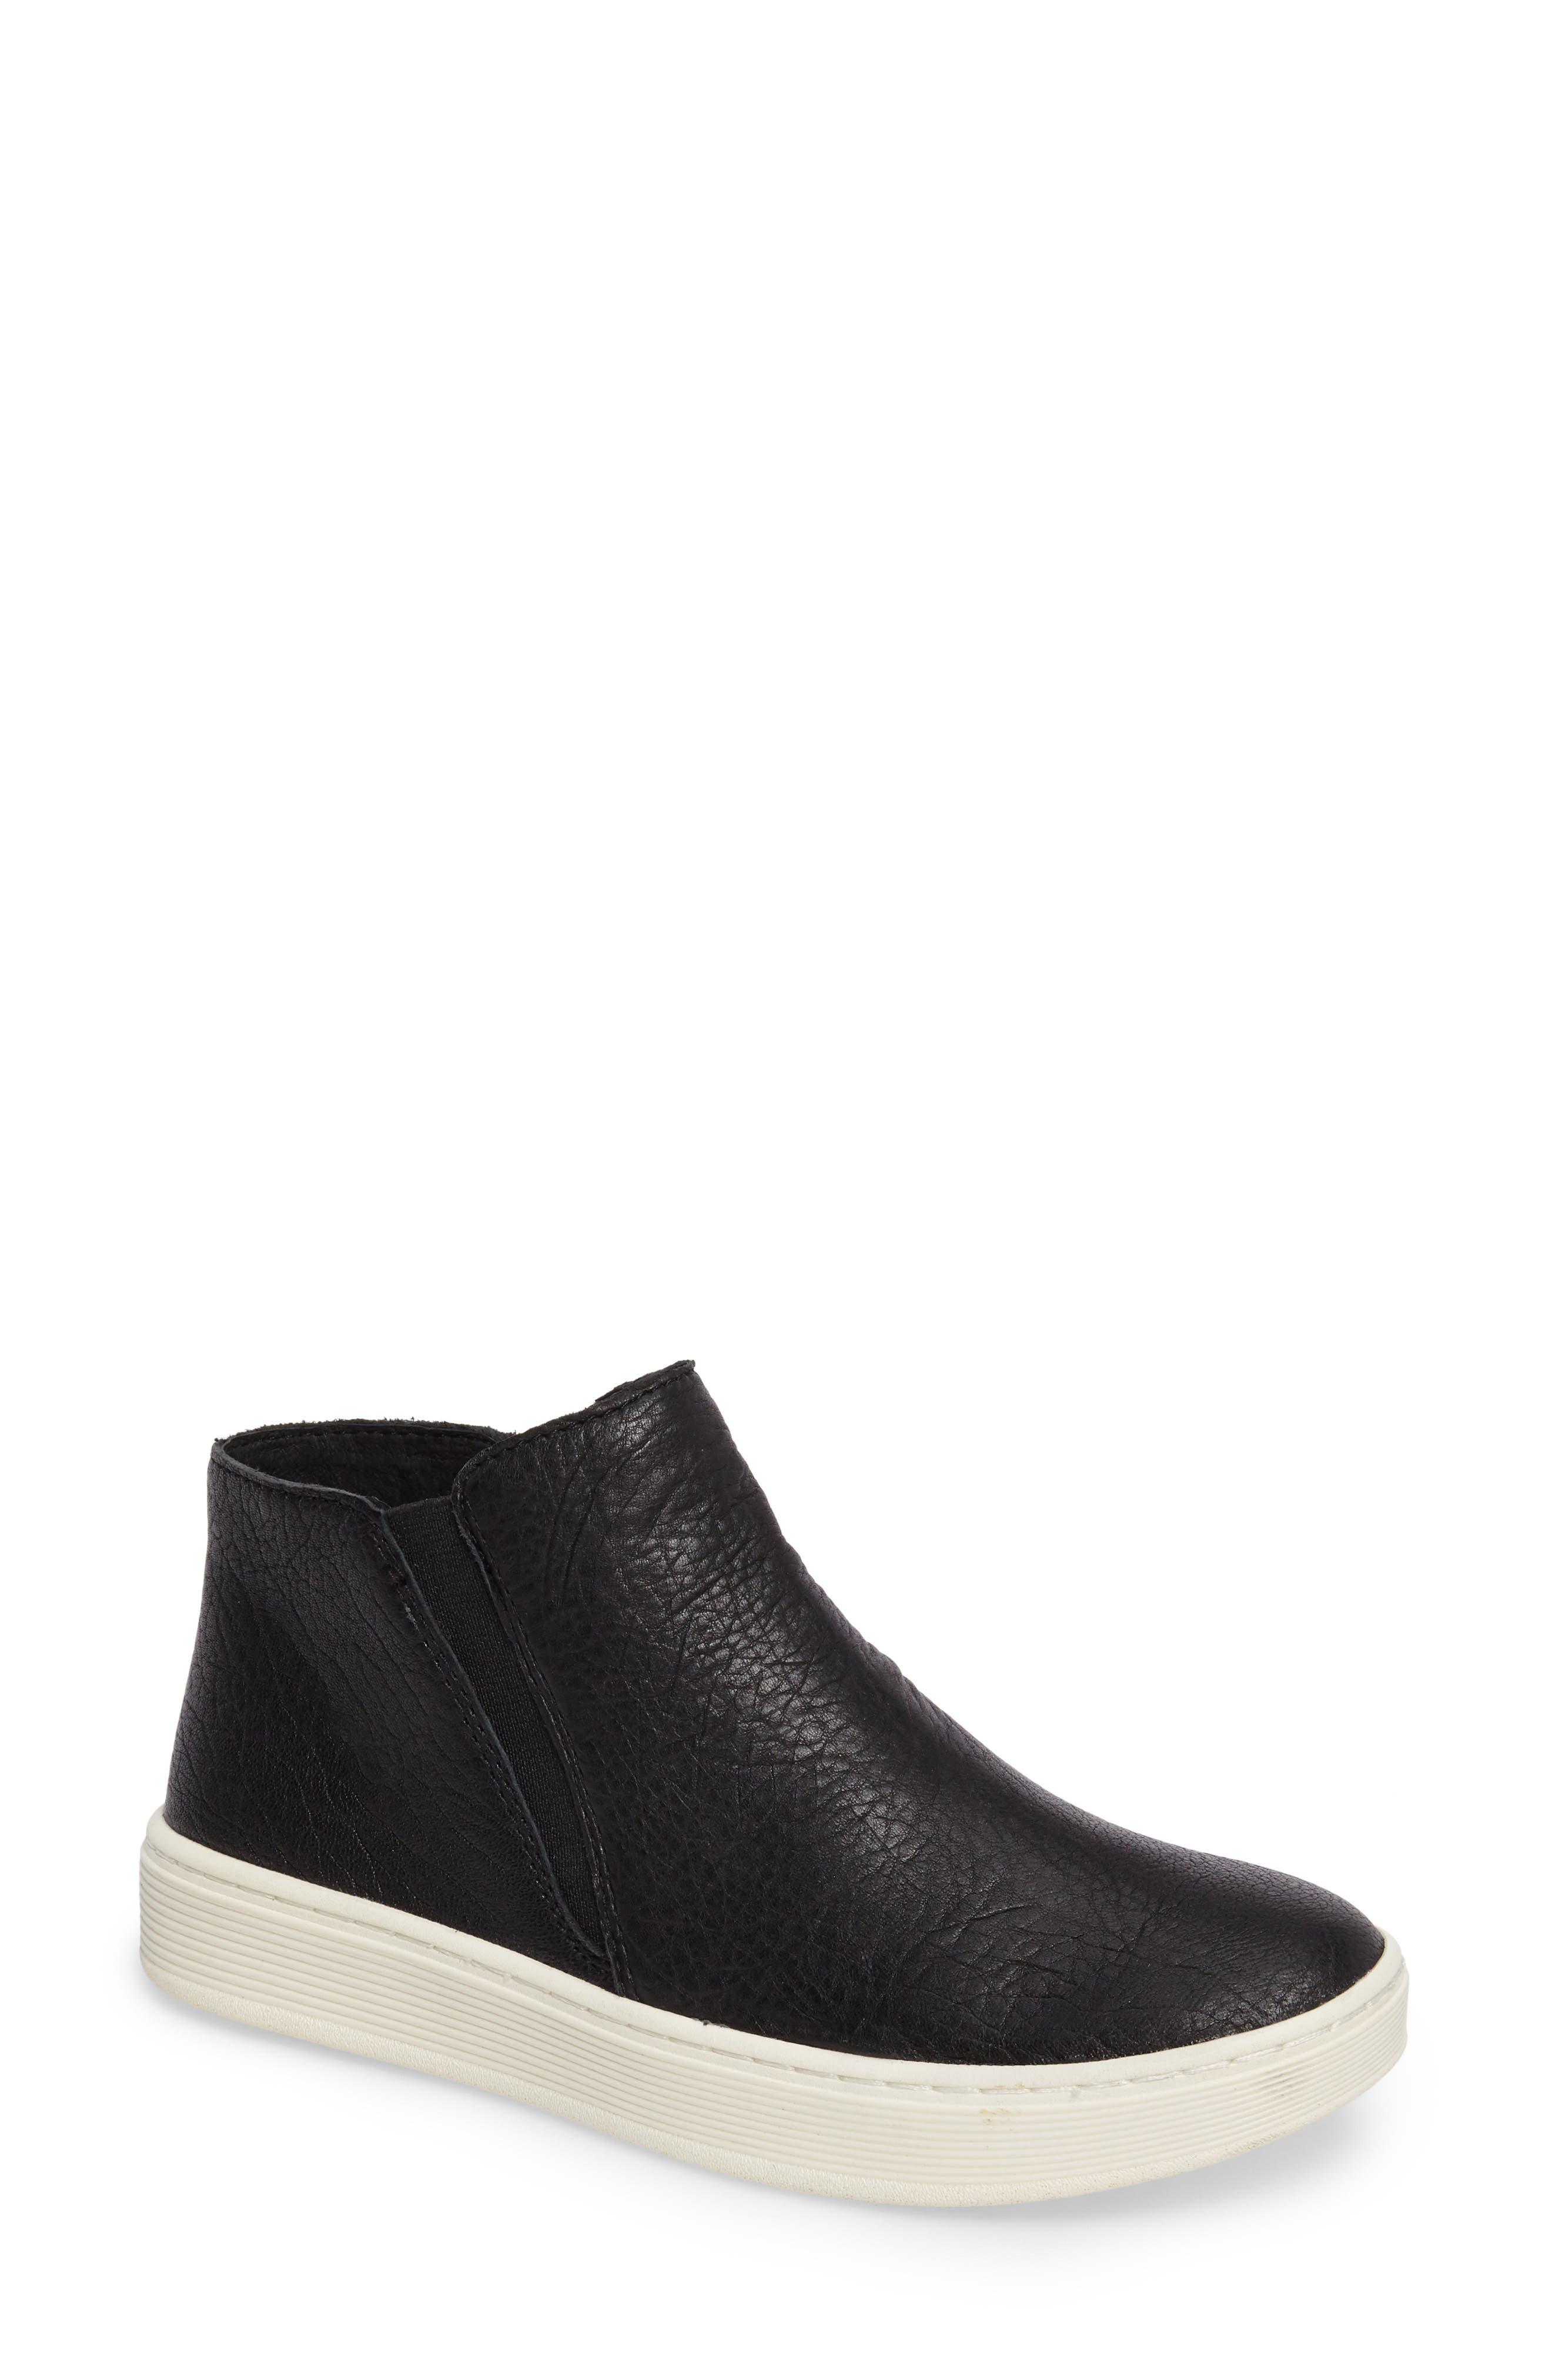 Söfft Britton Chelsea Sneaker (Women)